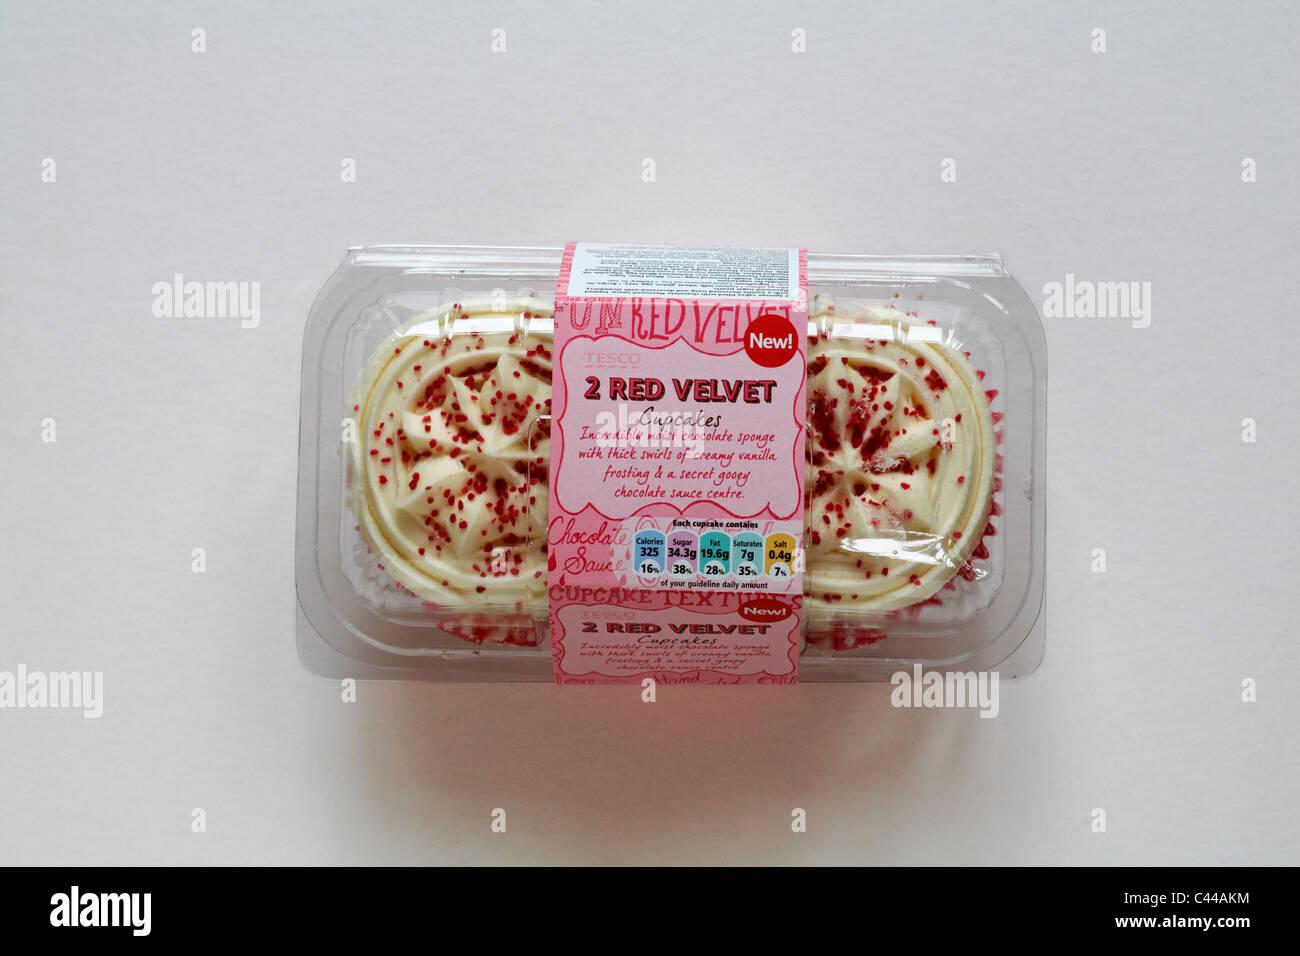 Red Velvet Cake Recipe Uk Tesco: Packet Of Tesco 2 Red Velvet Cupcakes Isolated On White